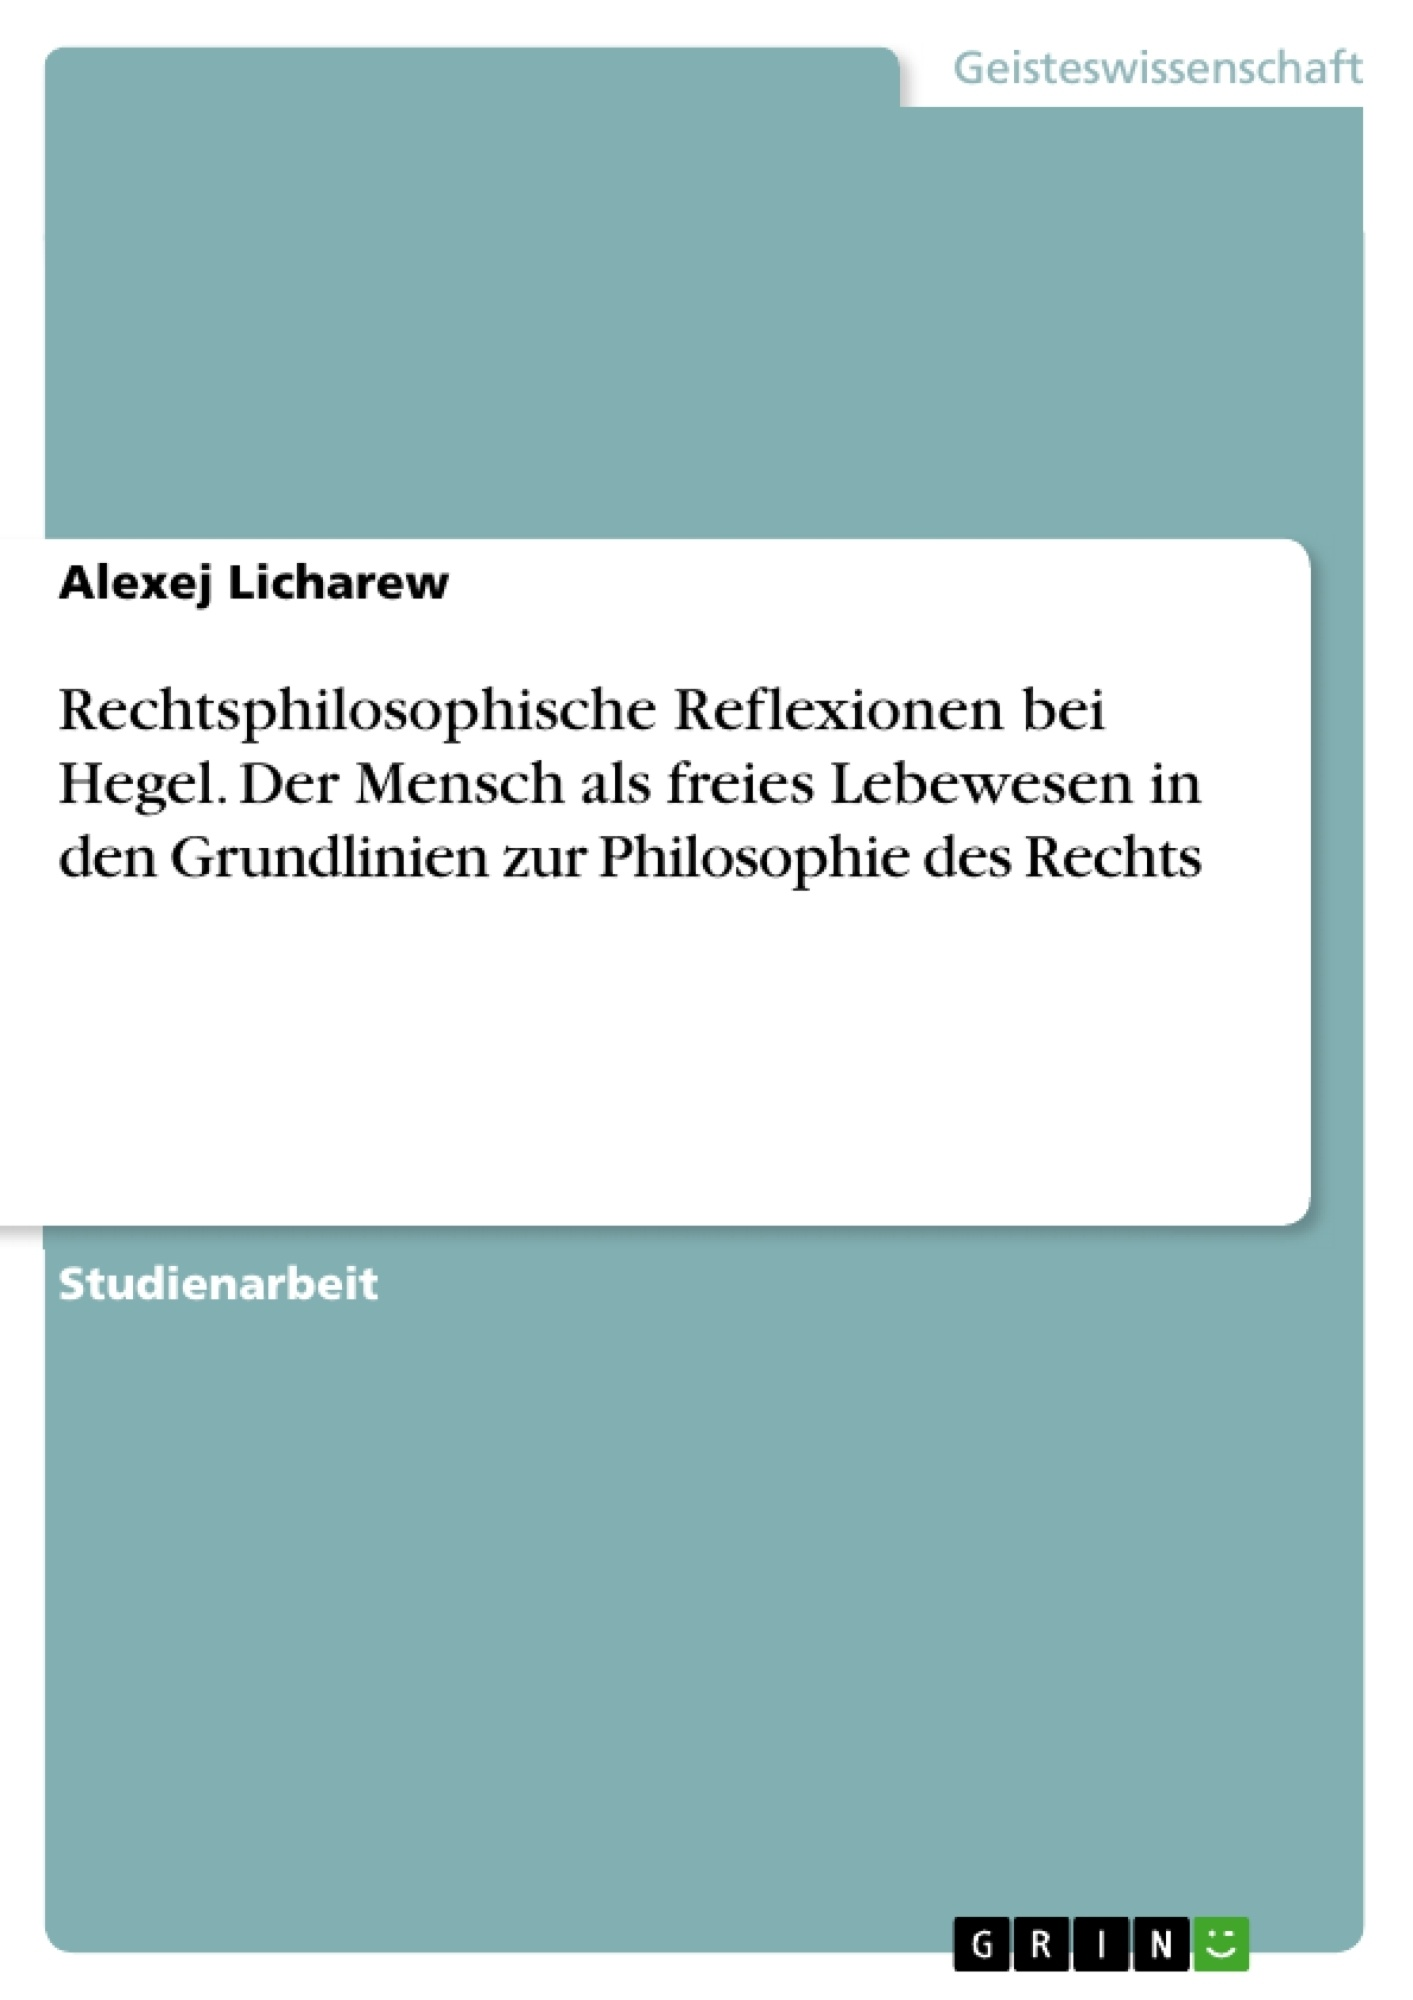 Titel: Rechtsphilosophische Reflexionen bei Hegel. Der Mensch als freies Lebewesen in den Grundlinien zur Philosophie des Rechts